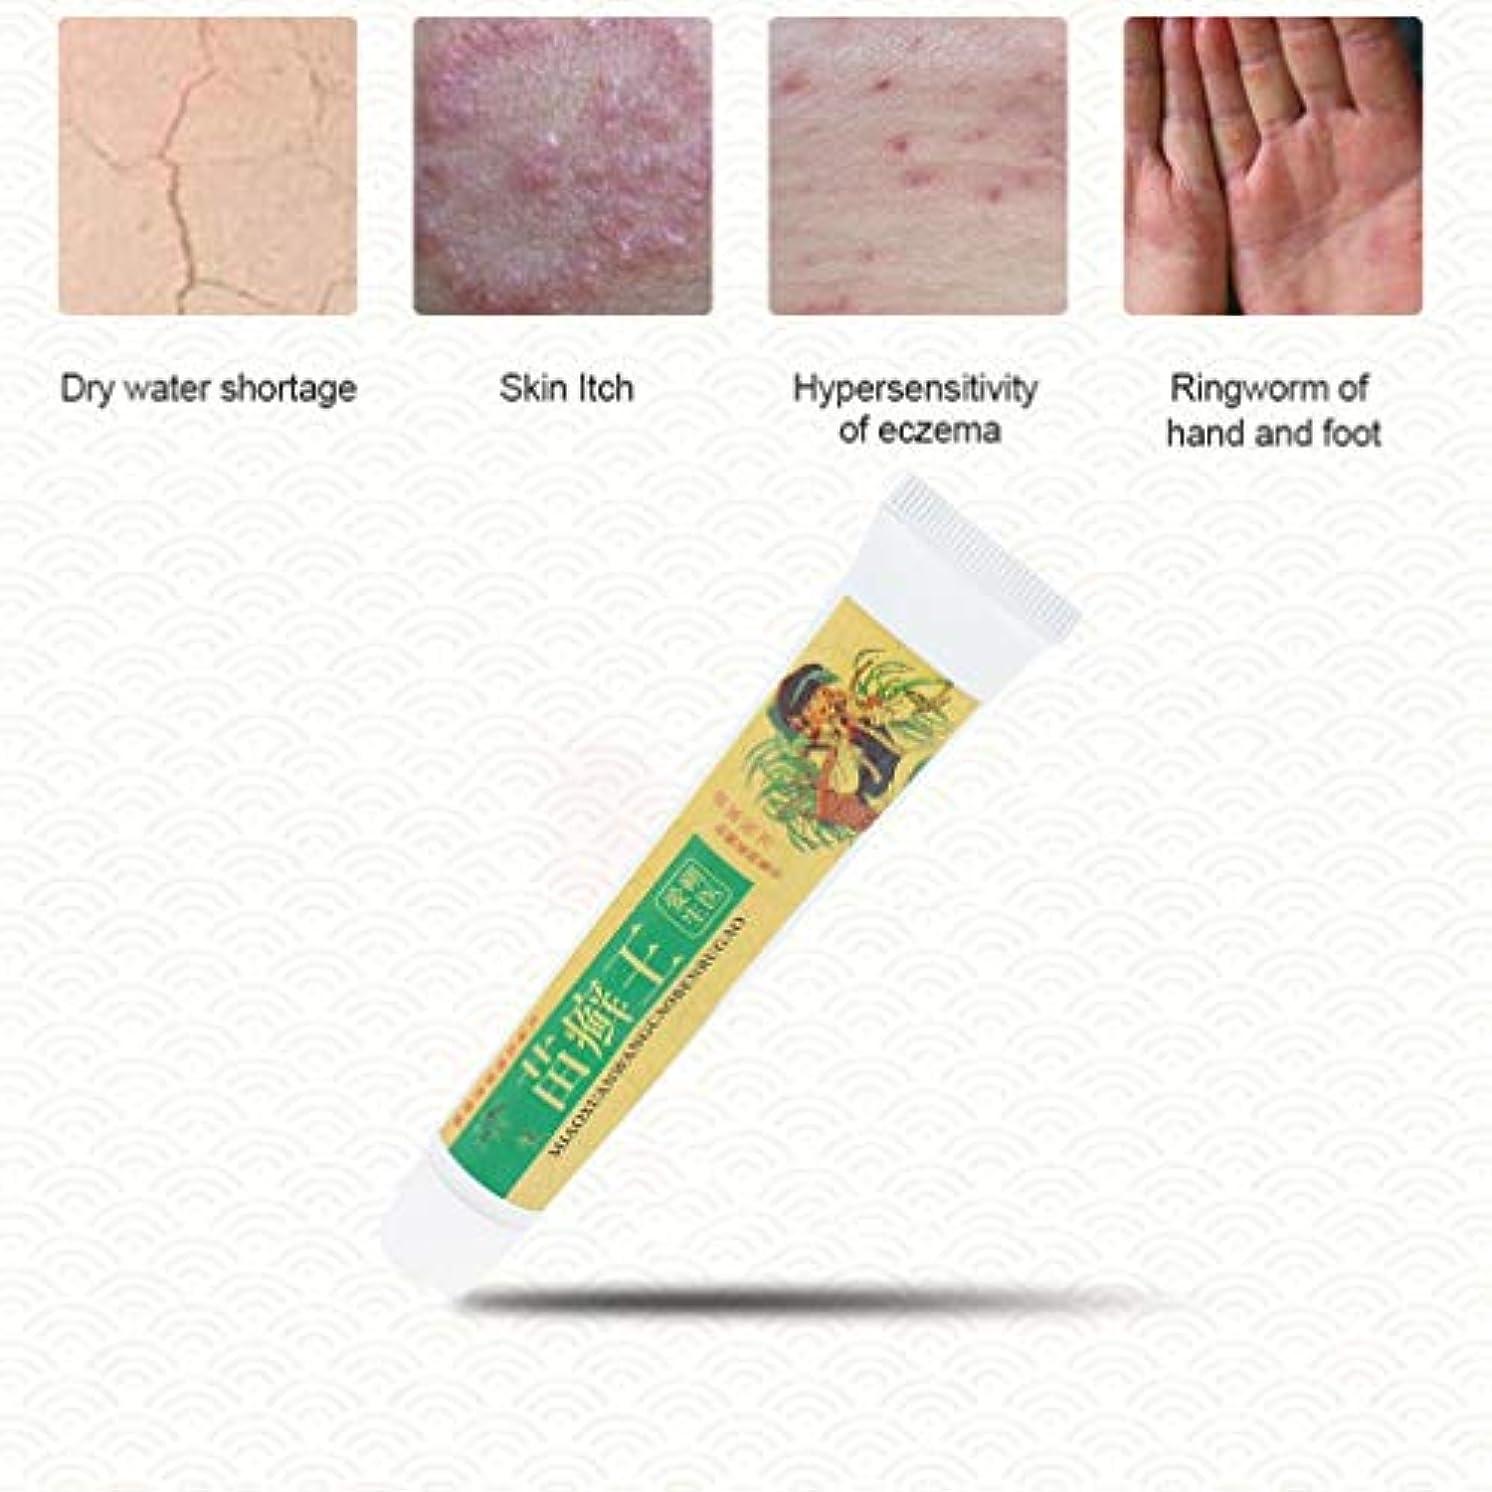 ルート不十分なやさしい草のかゆみ止めのクリームの医学の皮膚炎の処置ボディスキンケア